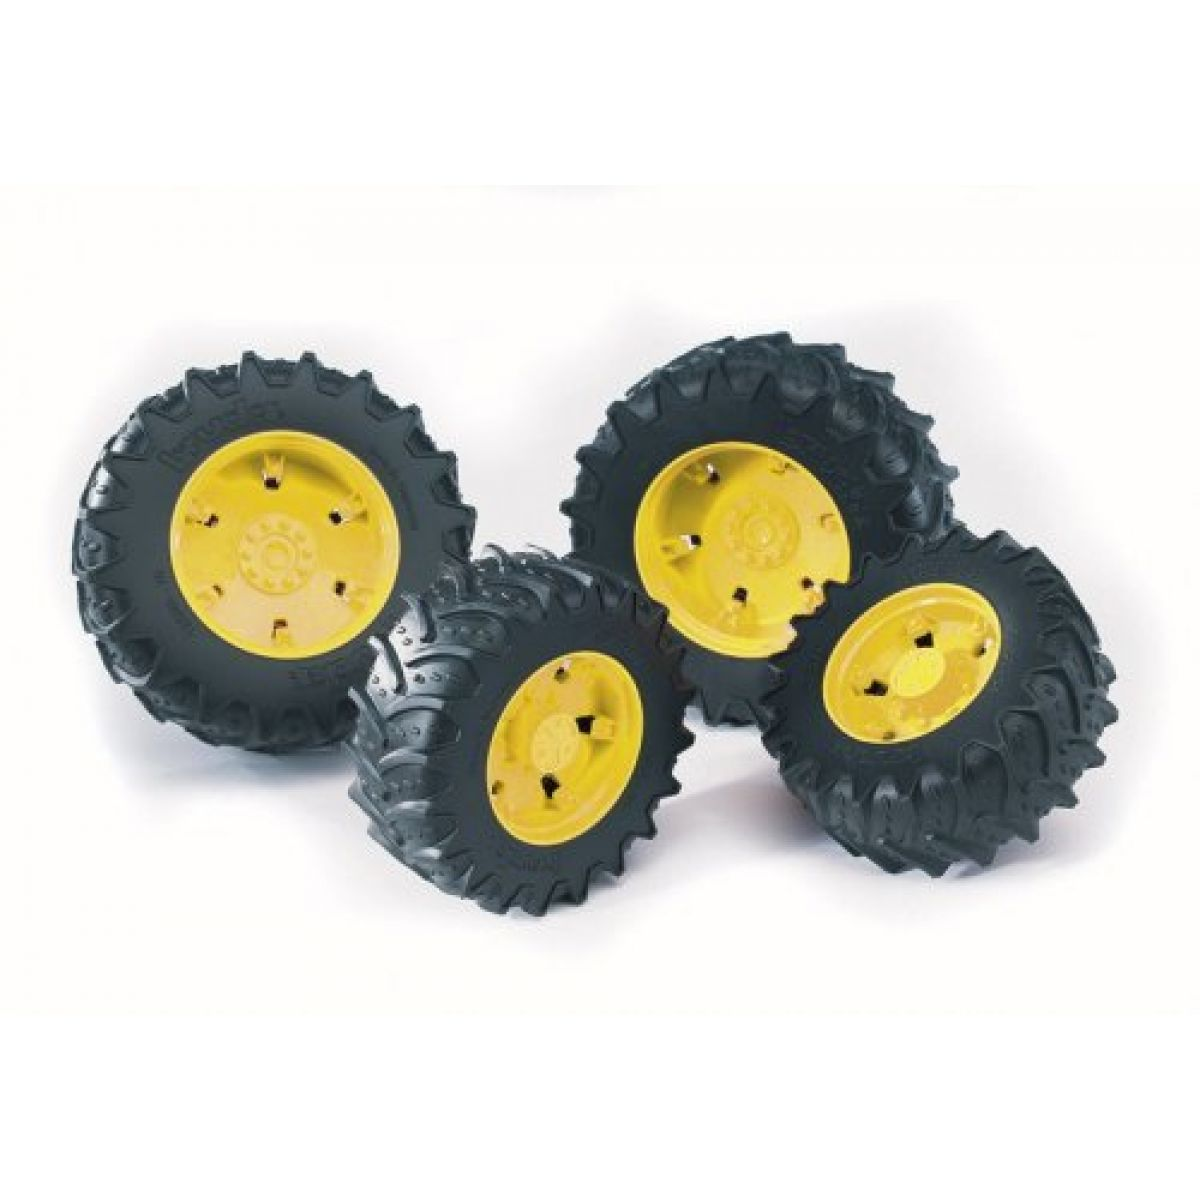 BRUDER 3314 Dvojitá kola pro traktory řady 3000 žlutá